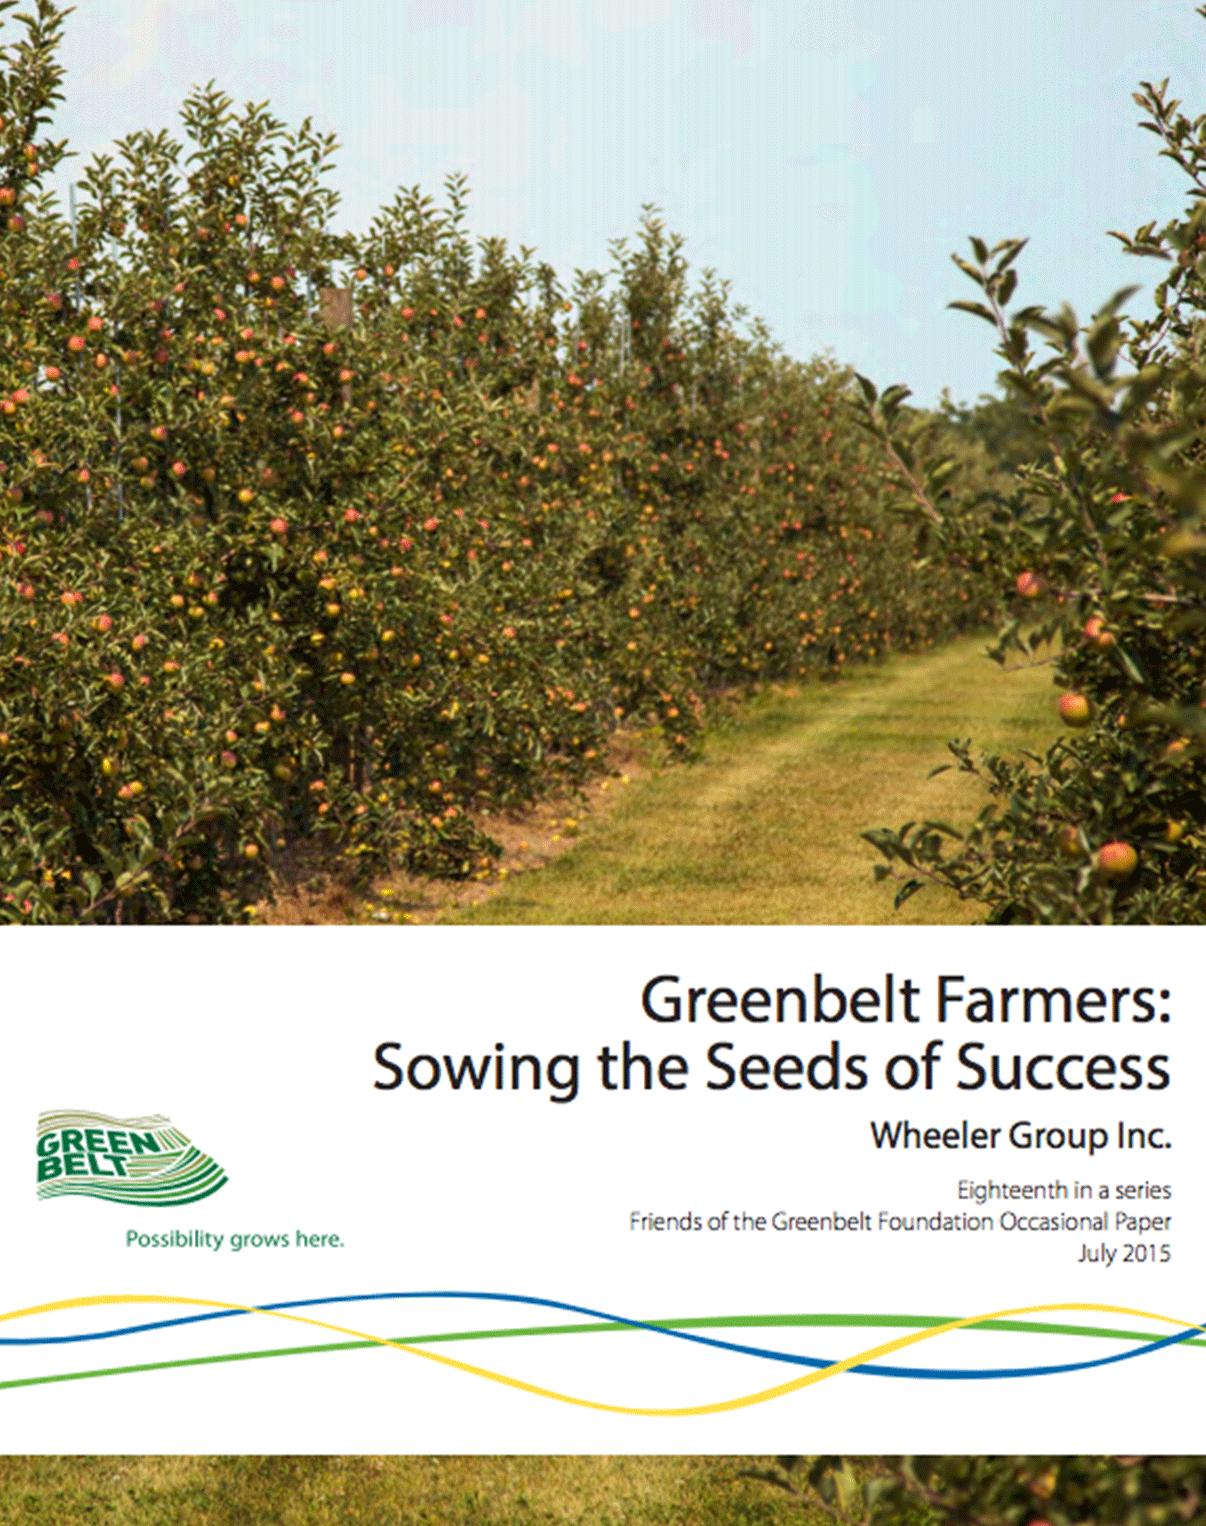 Greenbeltfarmersreportcover.png